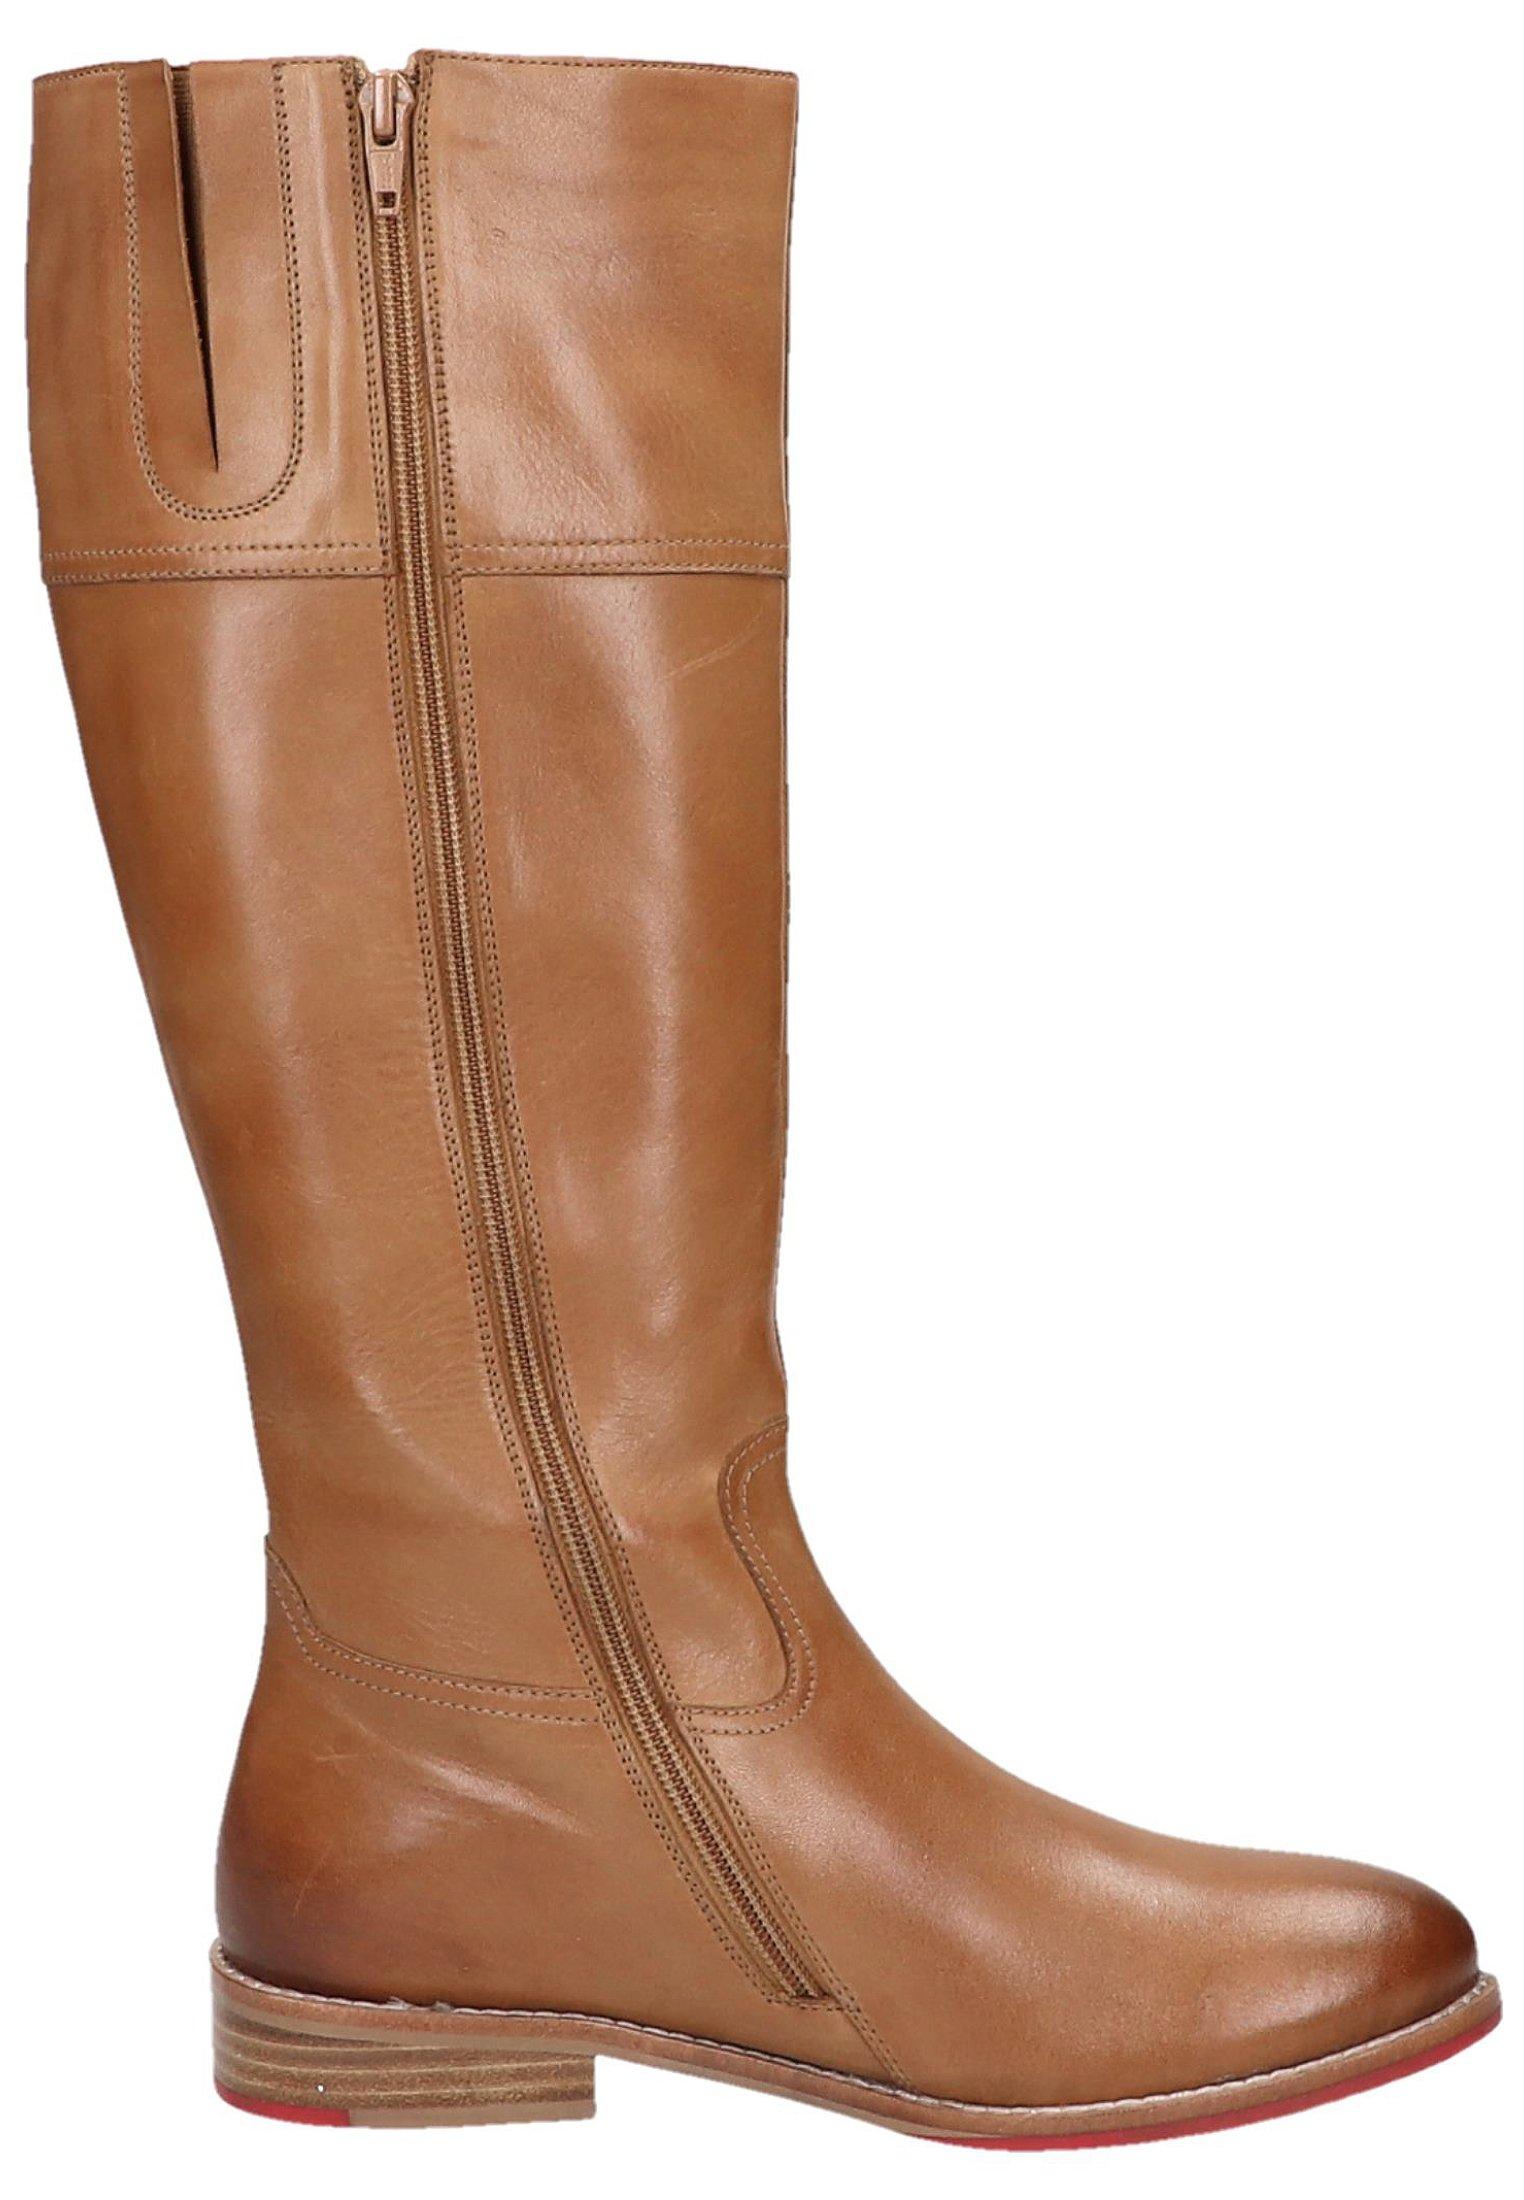 Sansibar Shoes Kozaki - medium brown